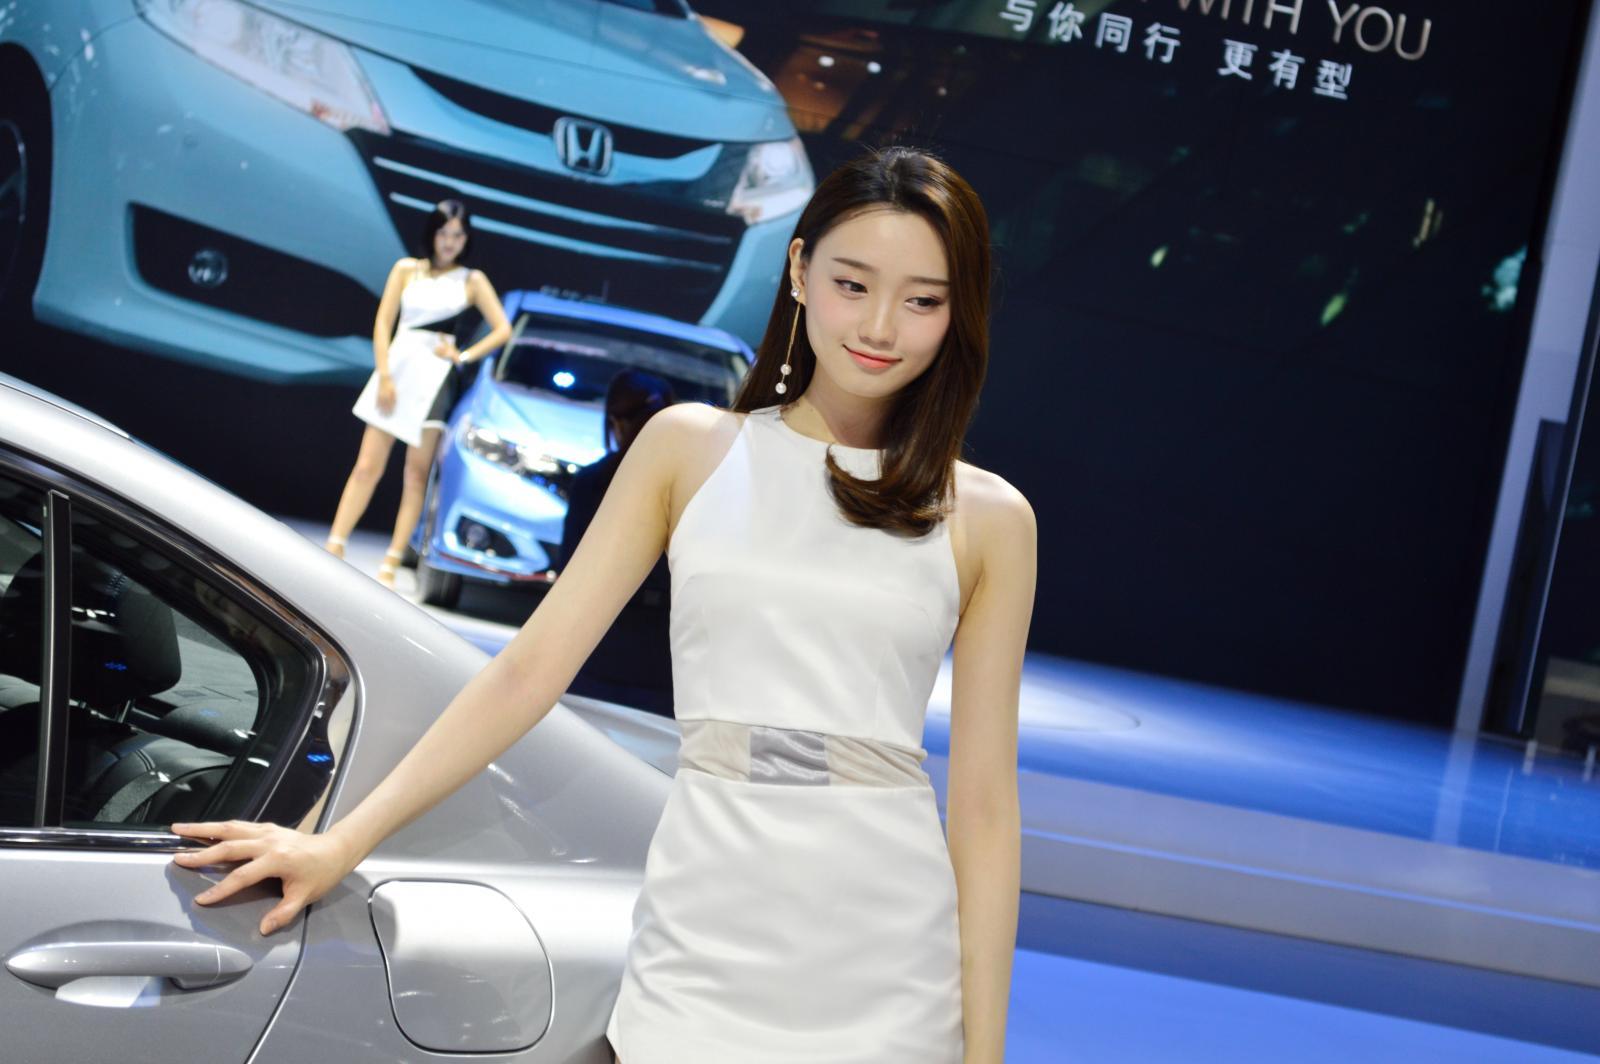 2017广州最美车模合集,今年去车展还是要锁定你们,哈哈